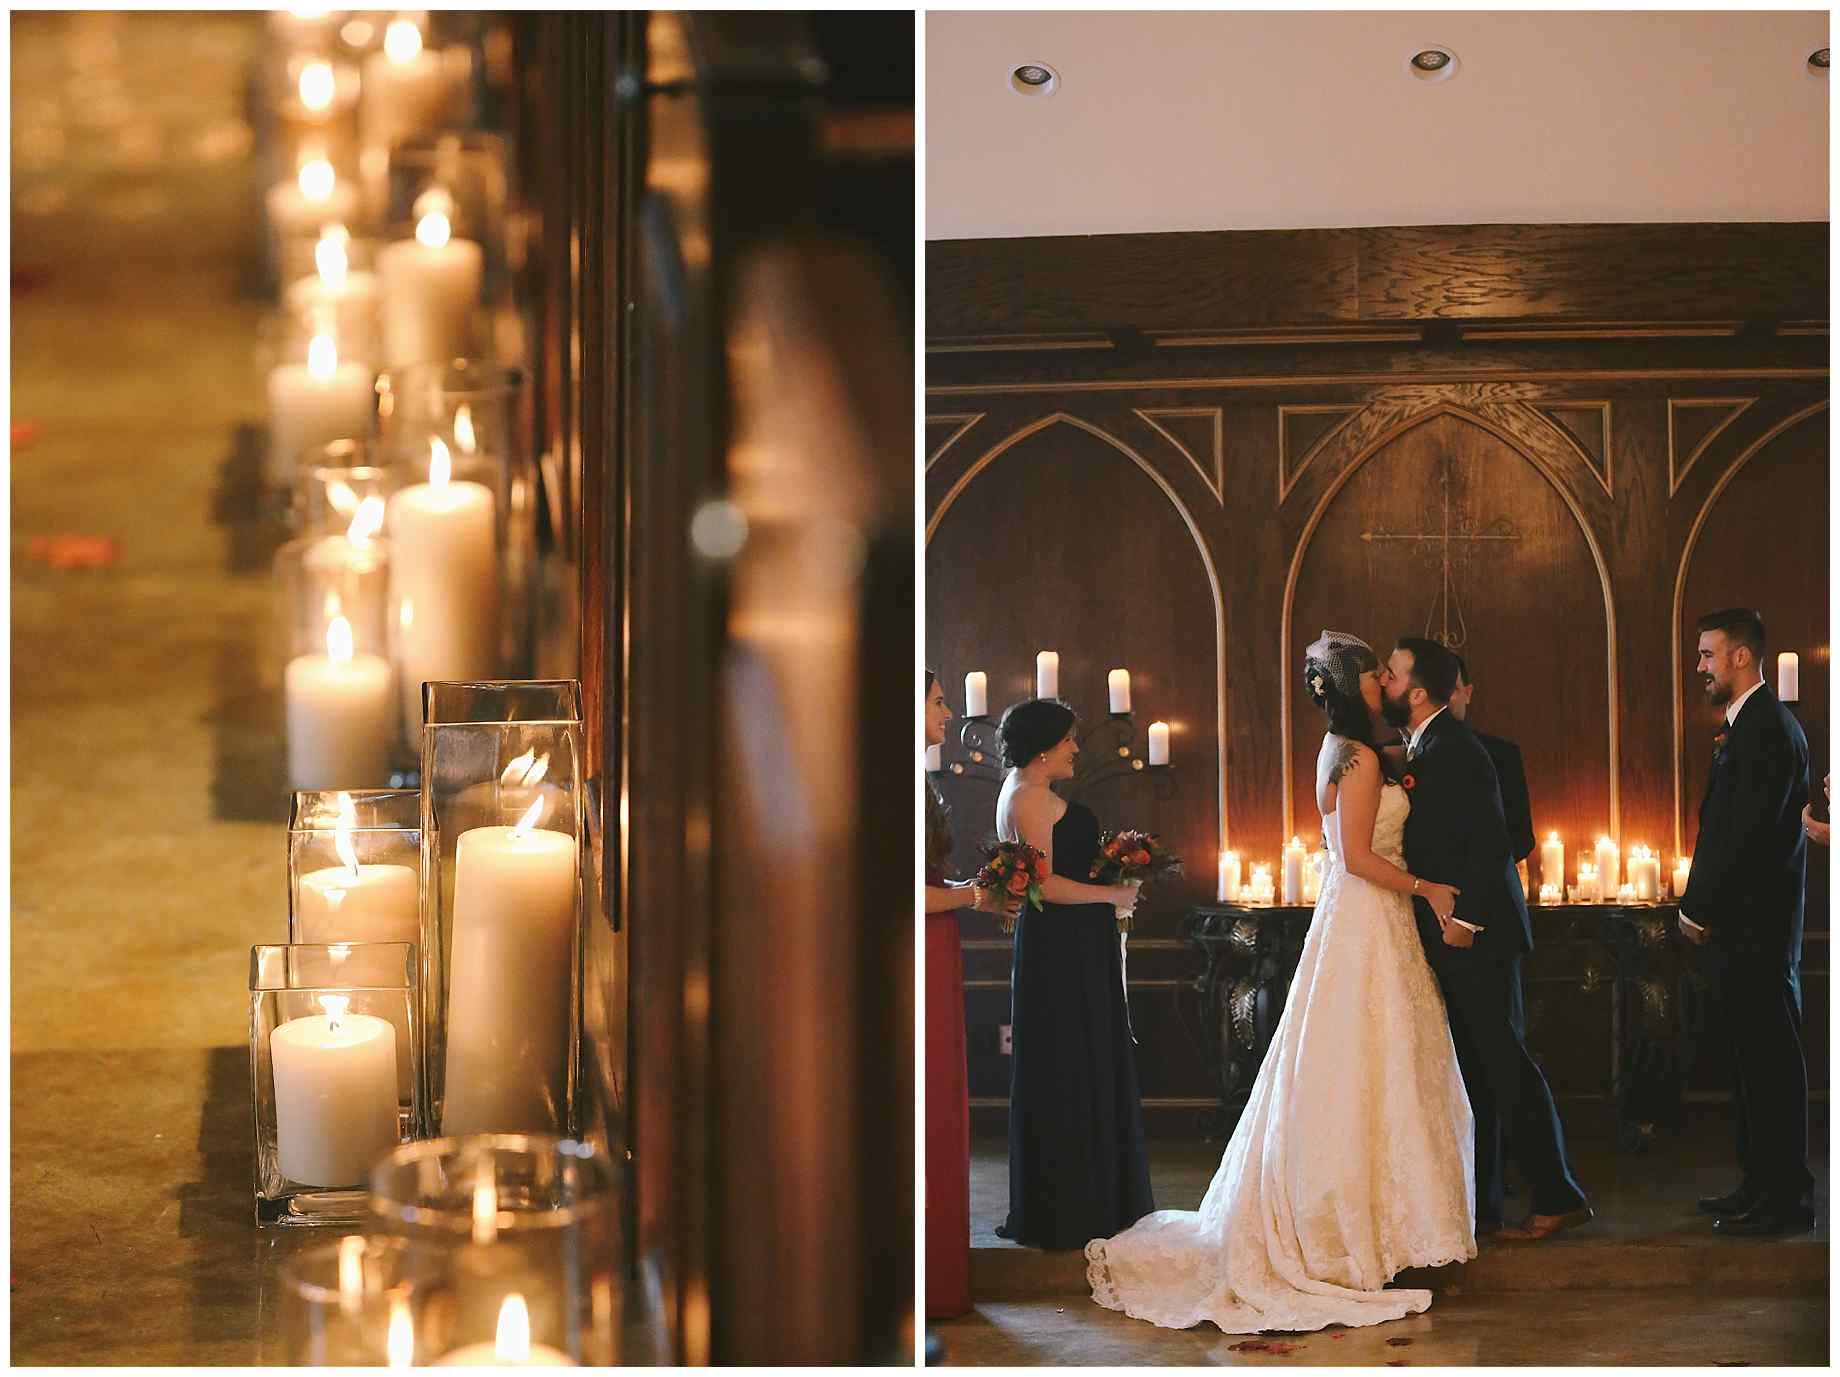 Le-Beaux-Chateau-wedding-photos-024